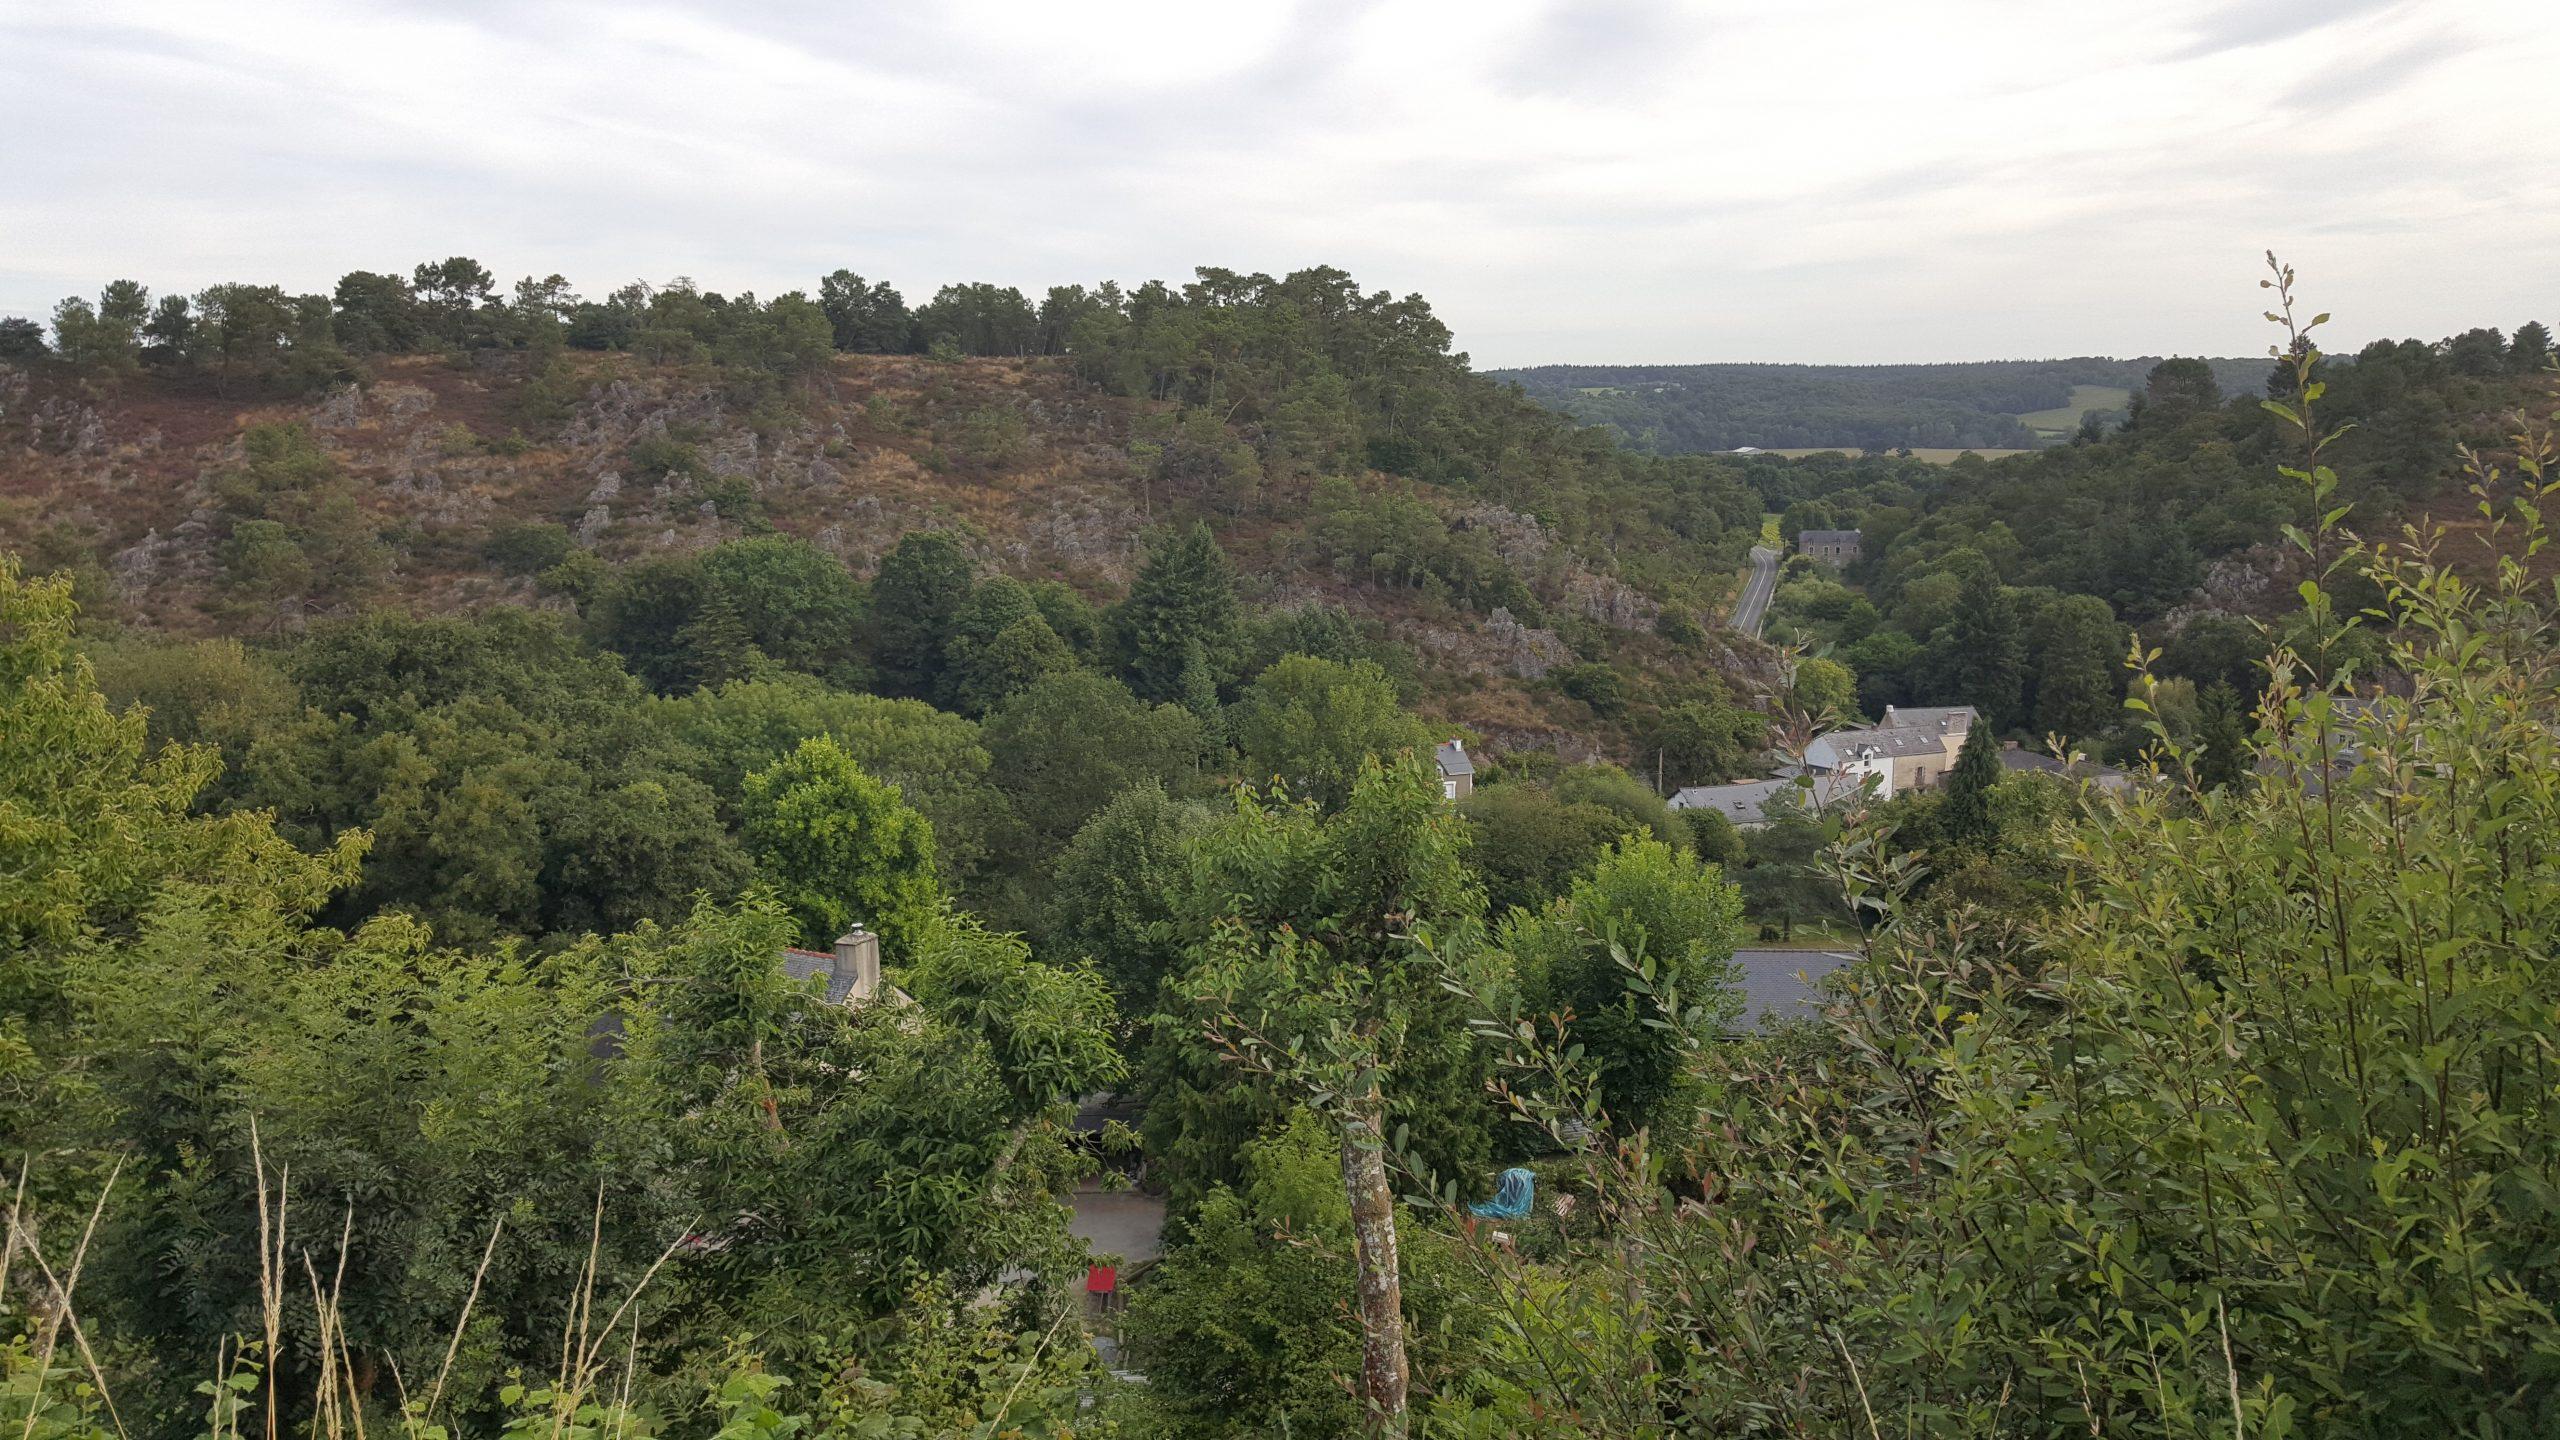 Omgeving Rochefort en Terre